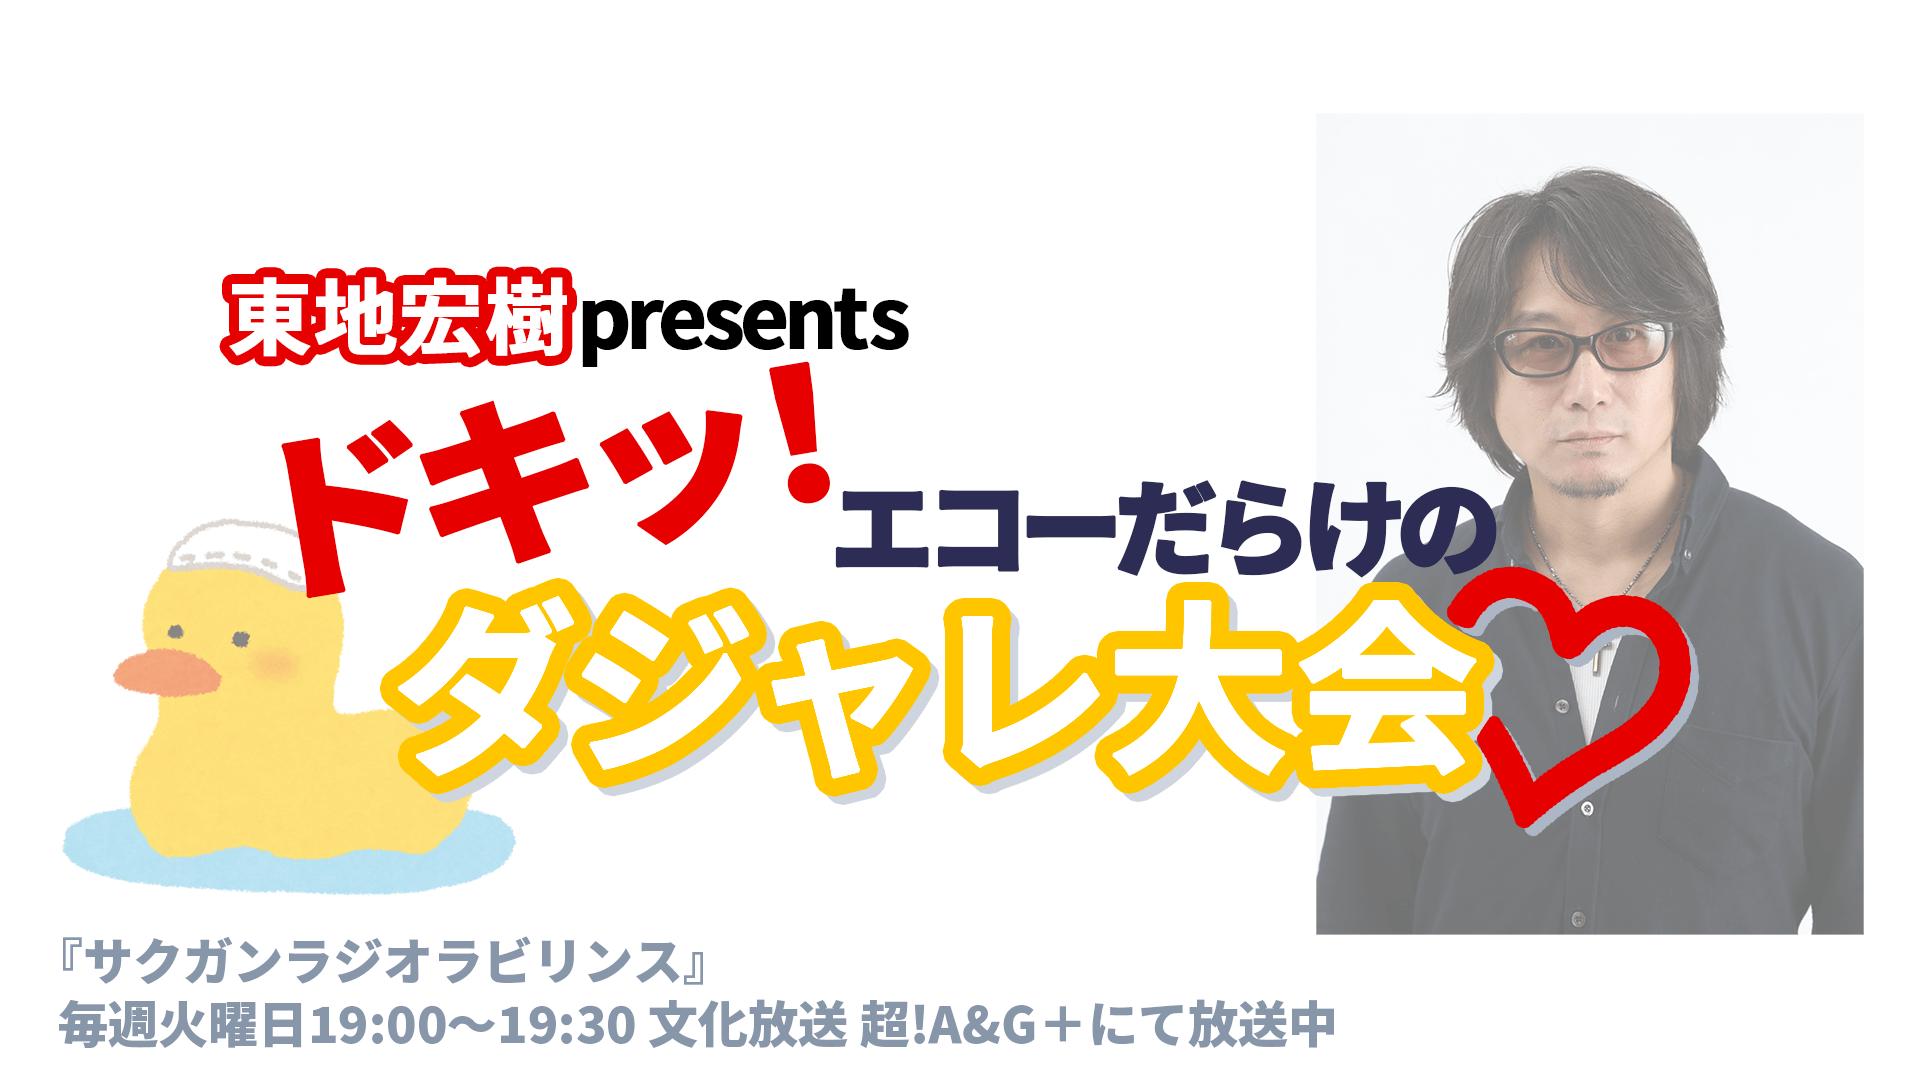 東地宏樹 presents ドキッ!エコーだらけのダジャレ大会♡